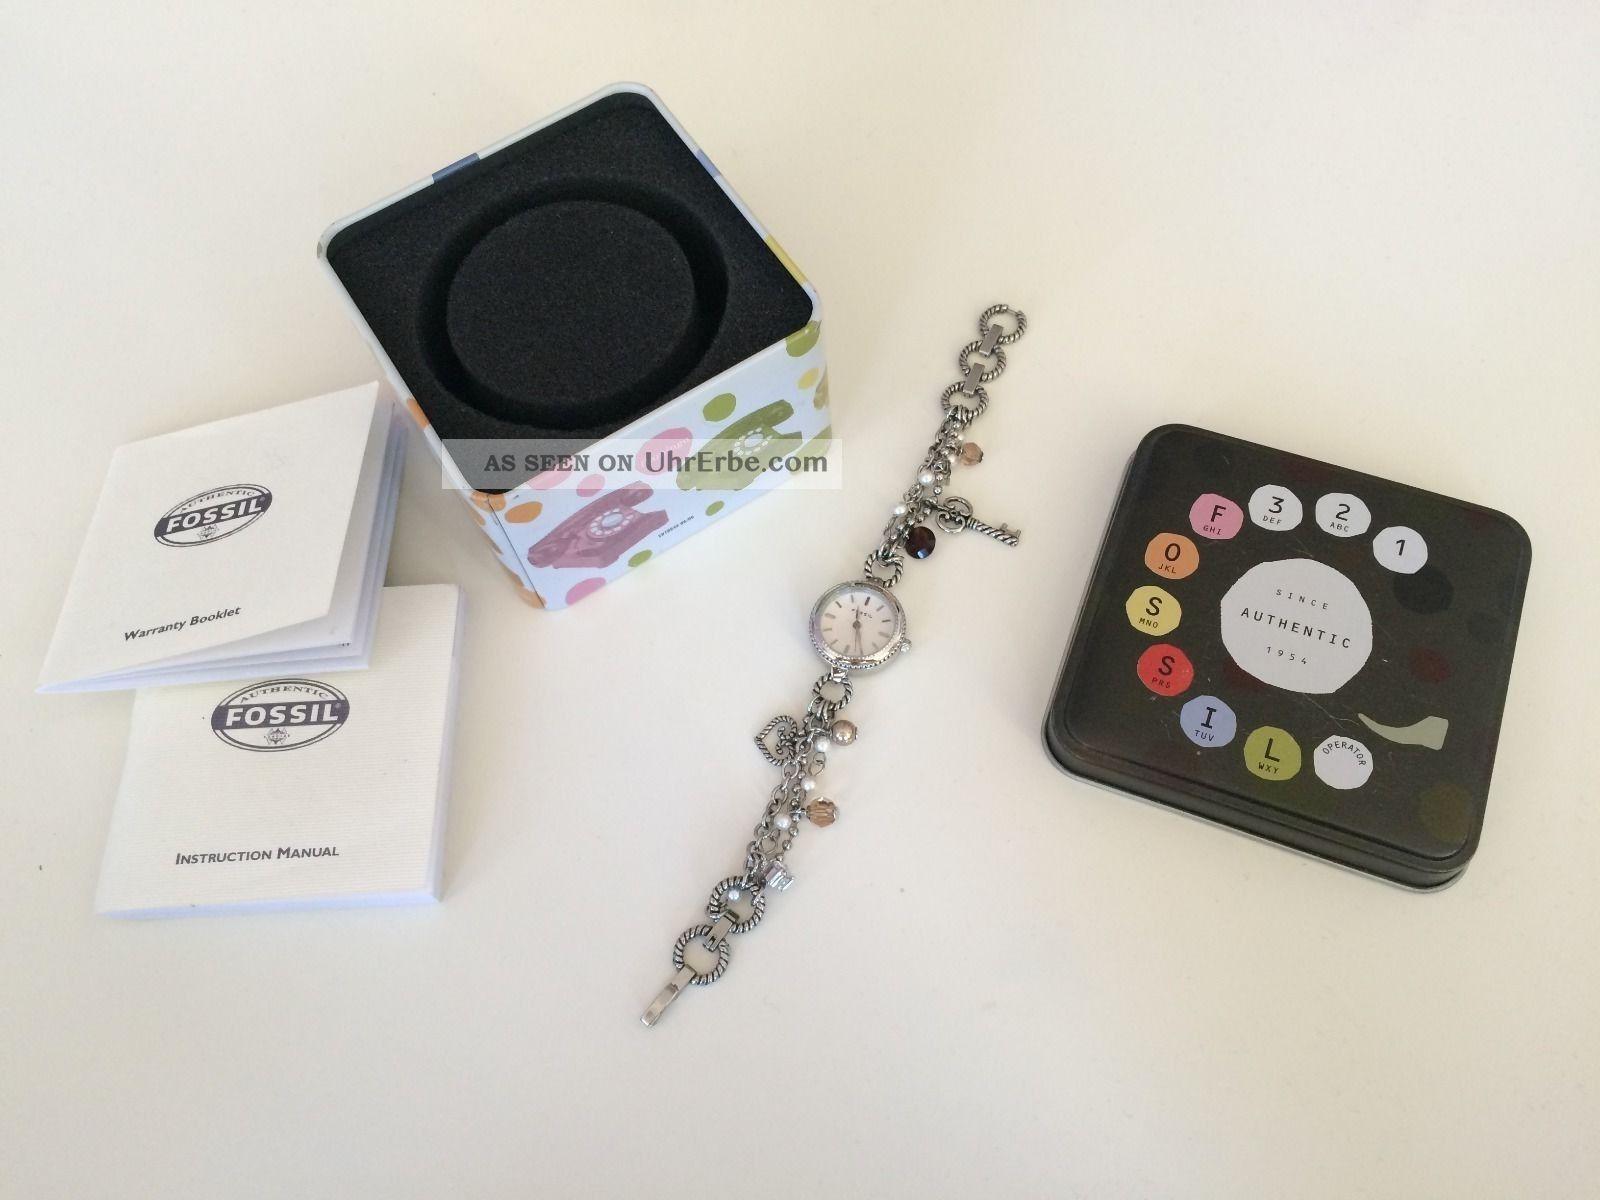 Fossil Uhren Bq 3030 Damen Uhr Es 1610 Bettelarmband Mit Bild